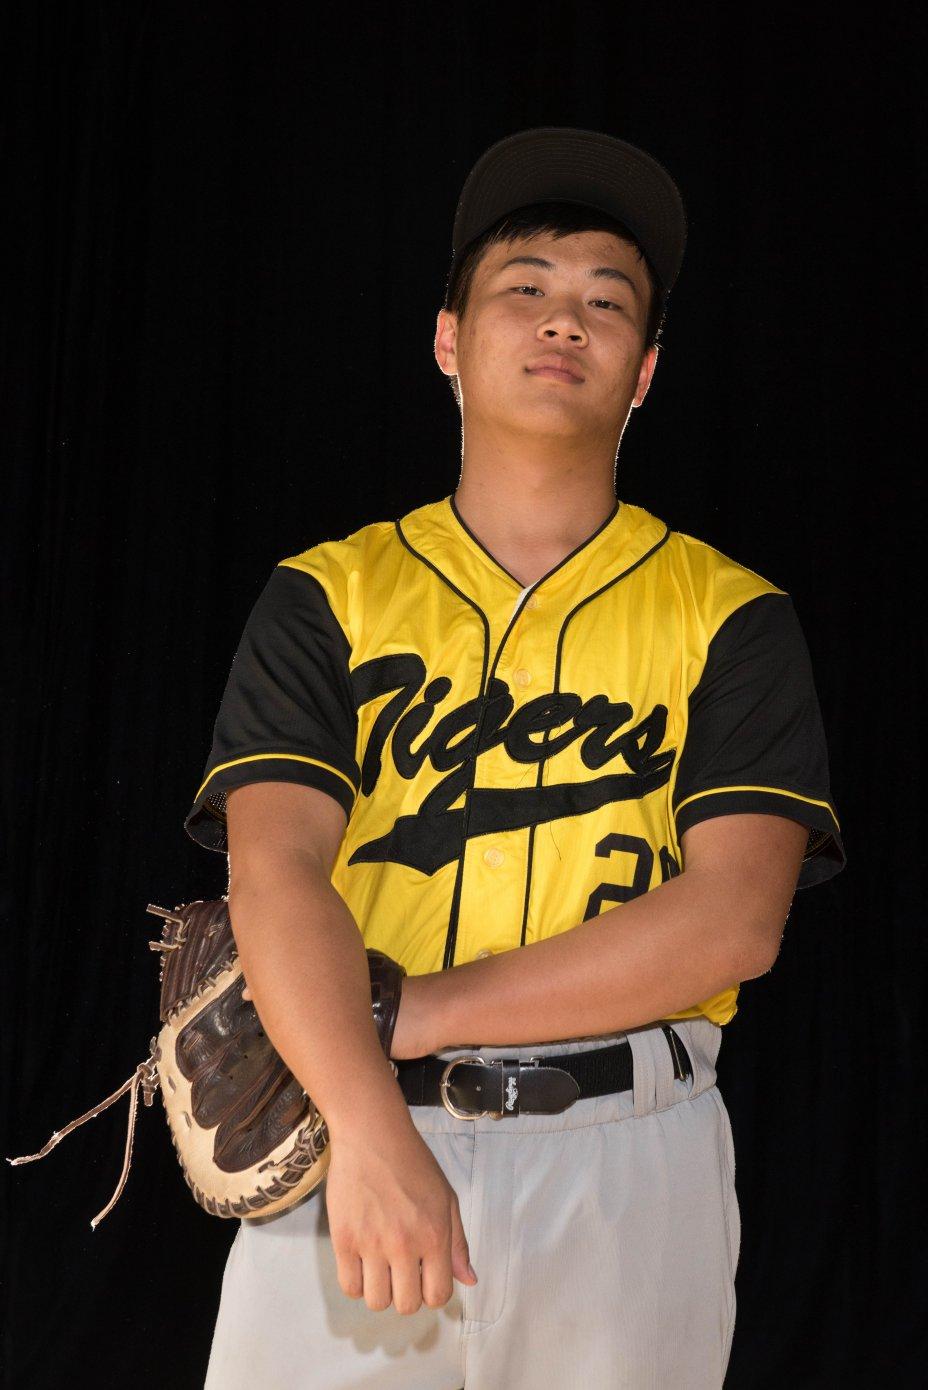 Season 1 WABX HS Varsity Portraits 103